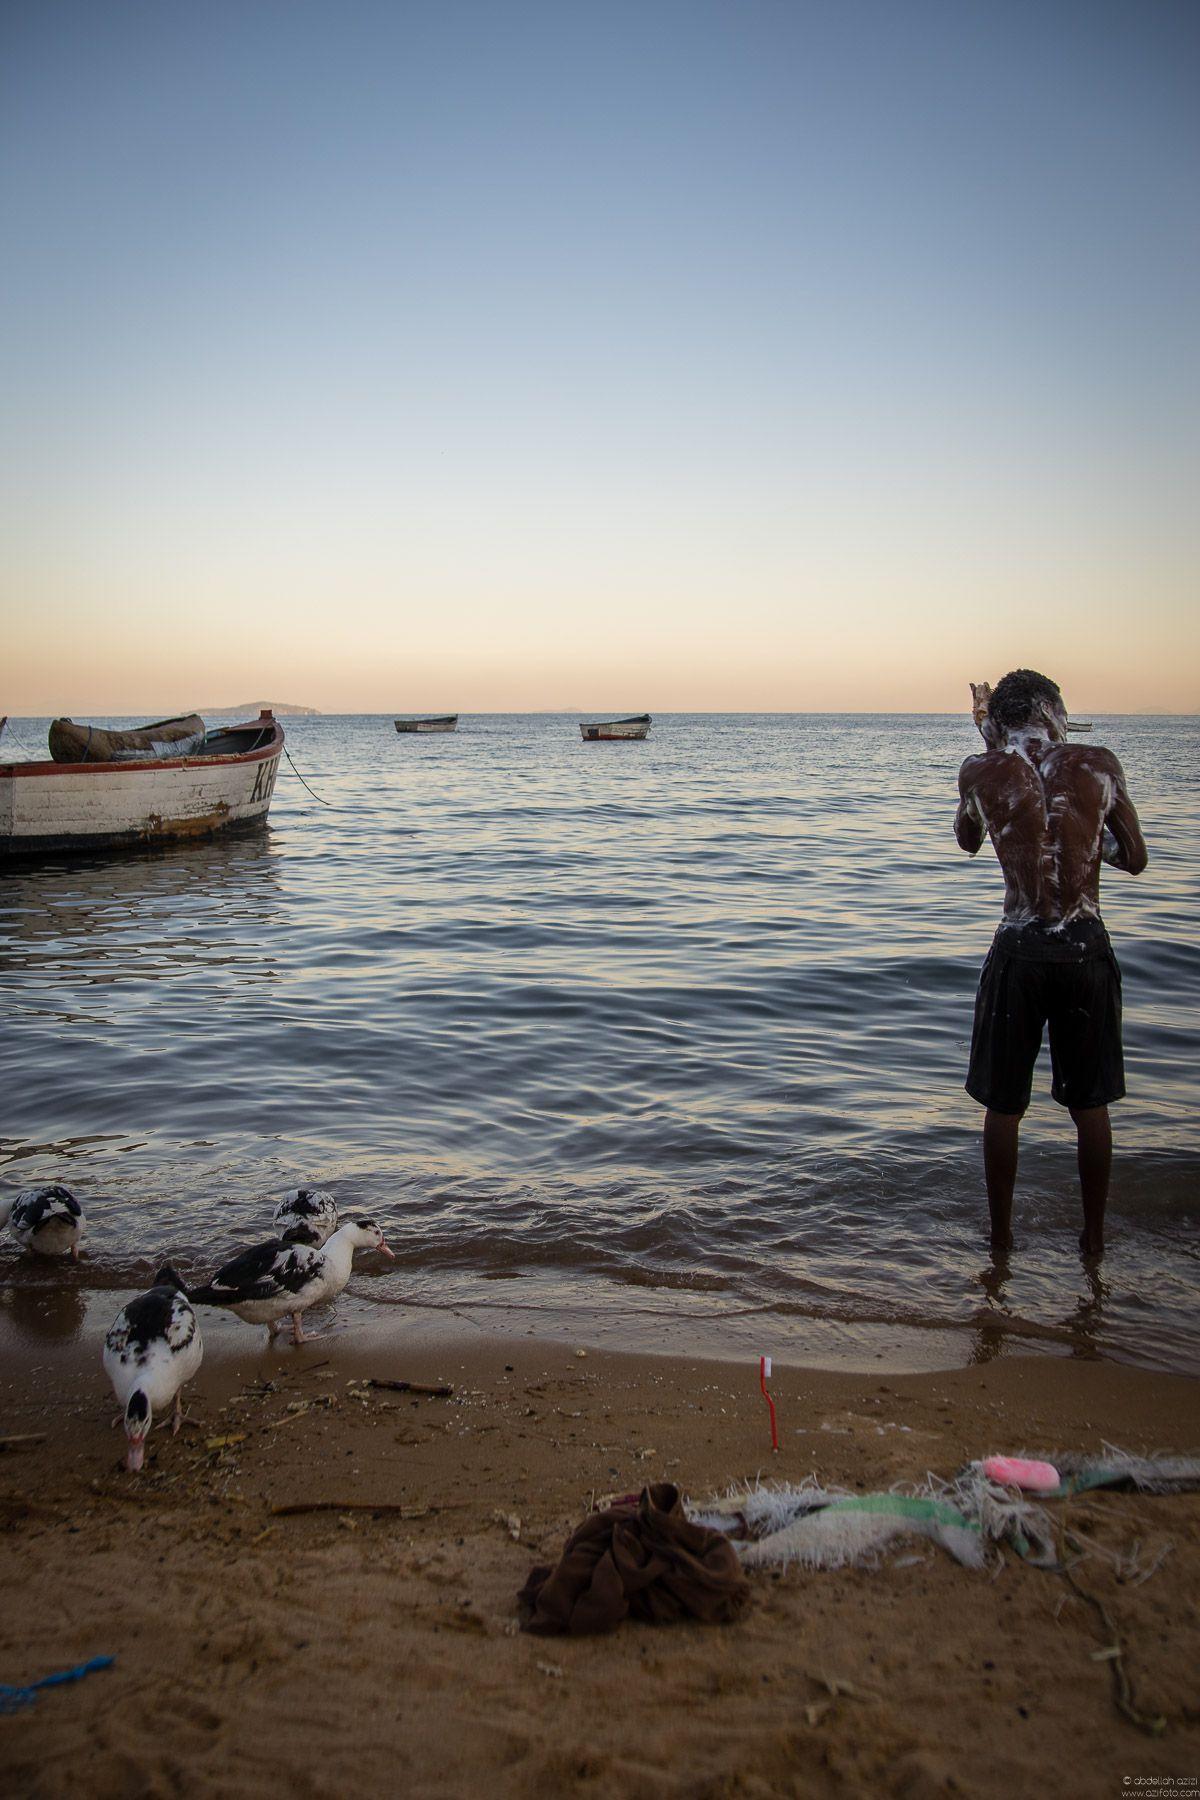 Boy having a bath in the beach of Lake Malawi